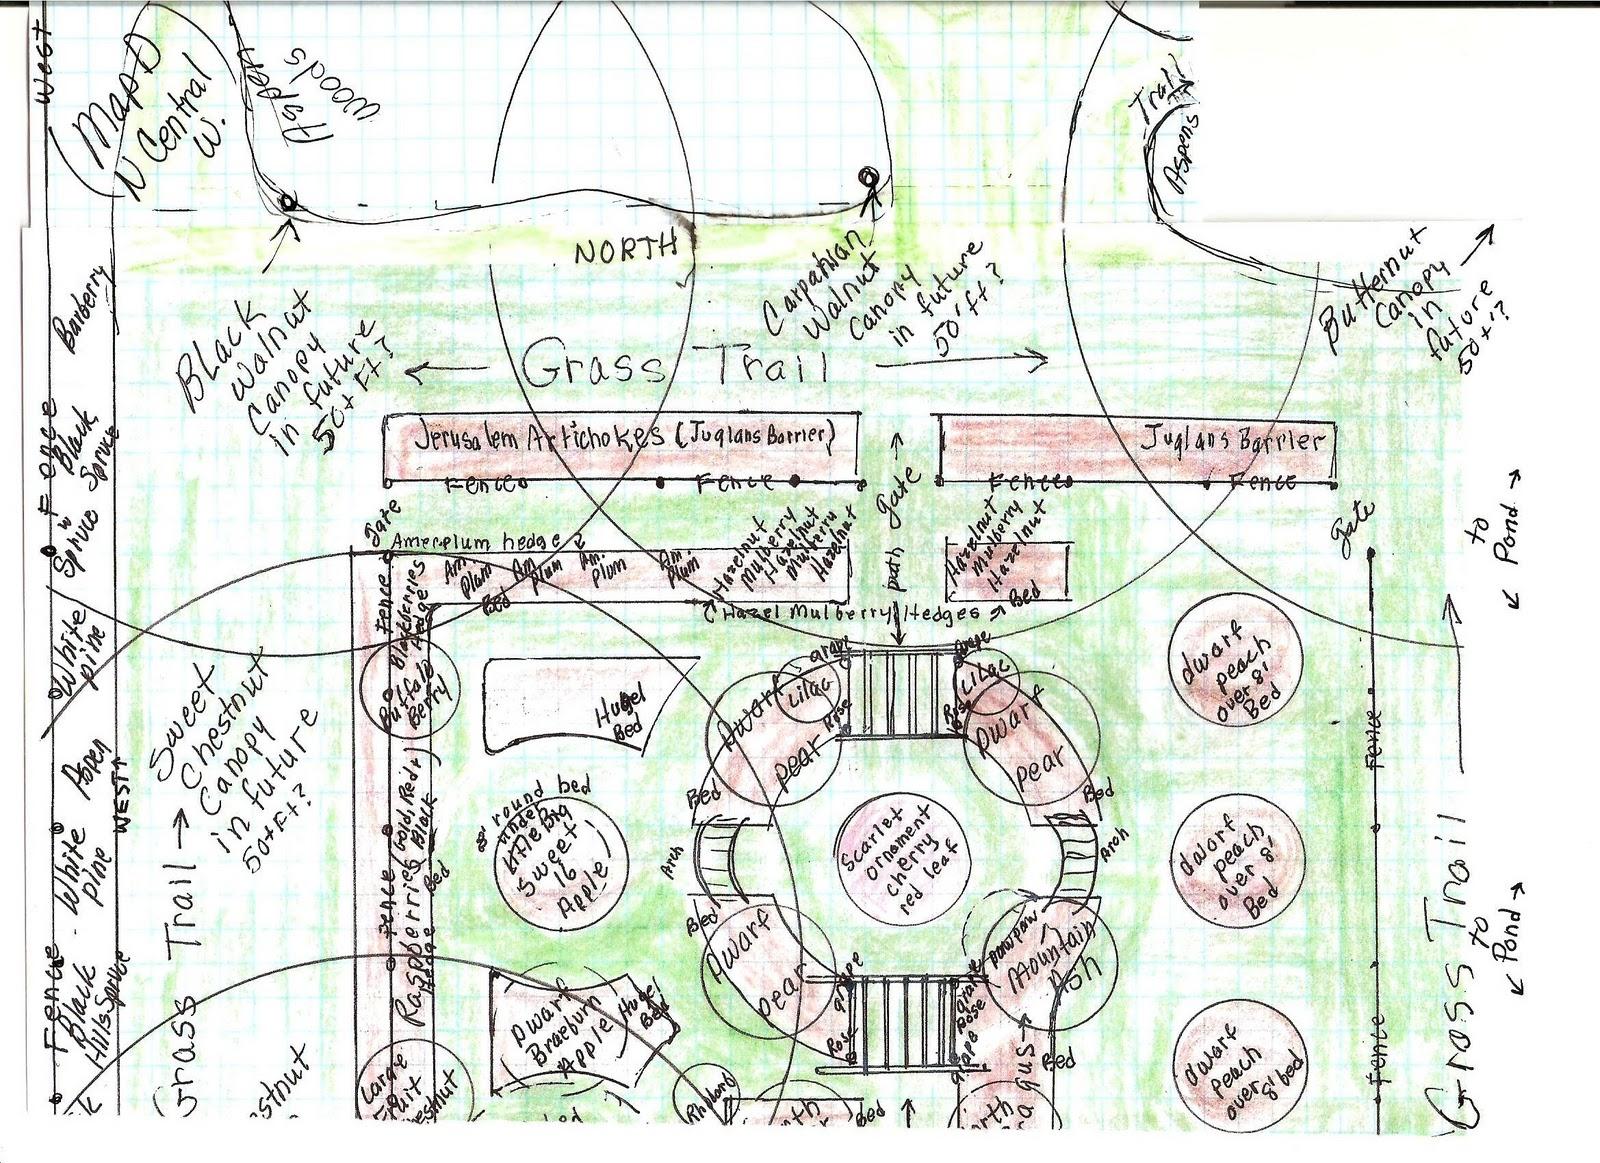 restful trails food forest garden food forest gardens. Black Bedroom Furniture Sets. Home Design Ideas